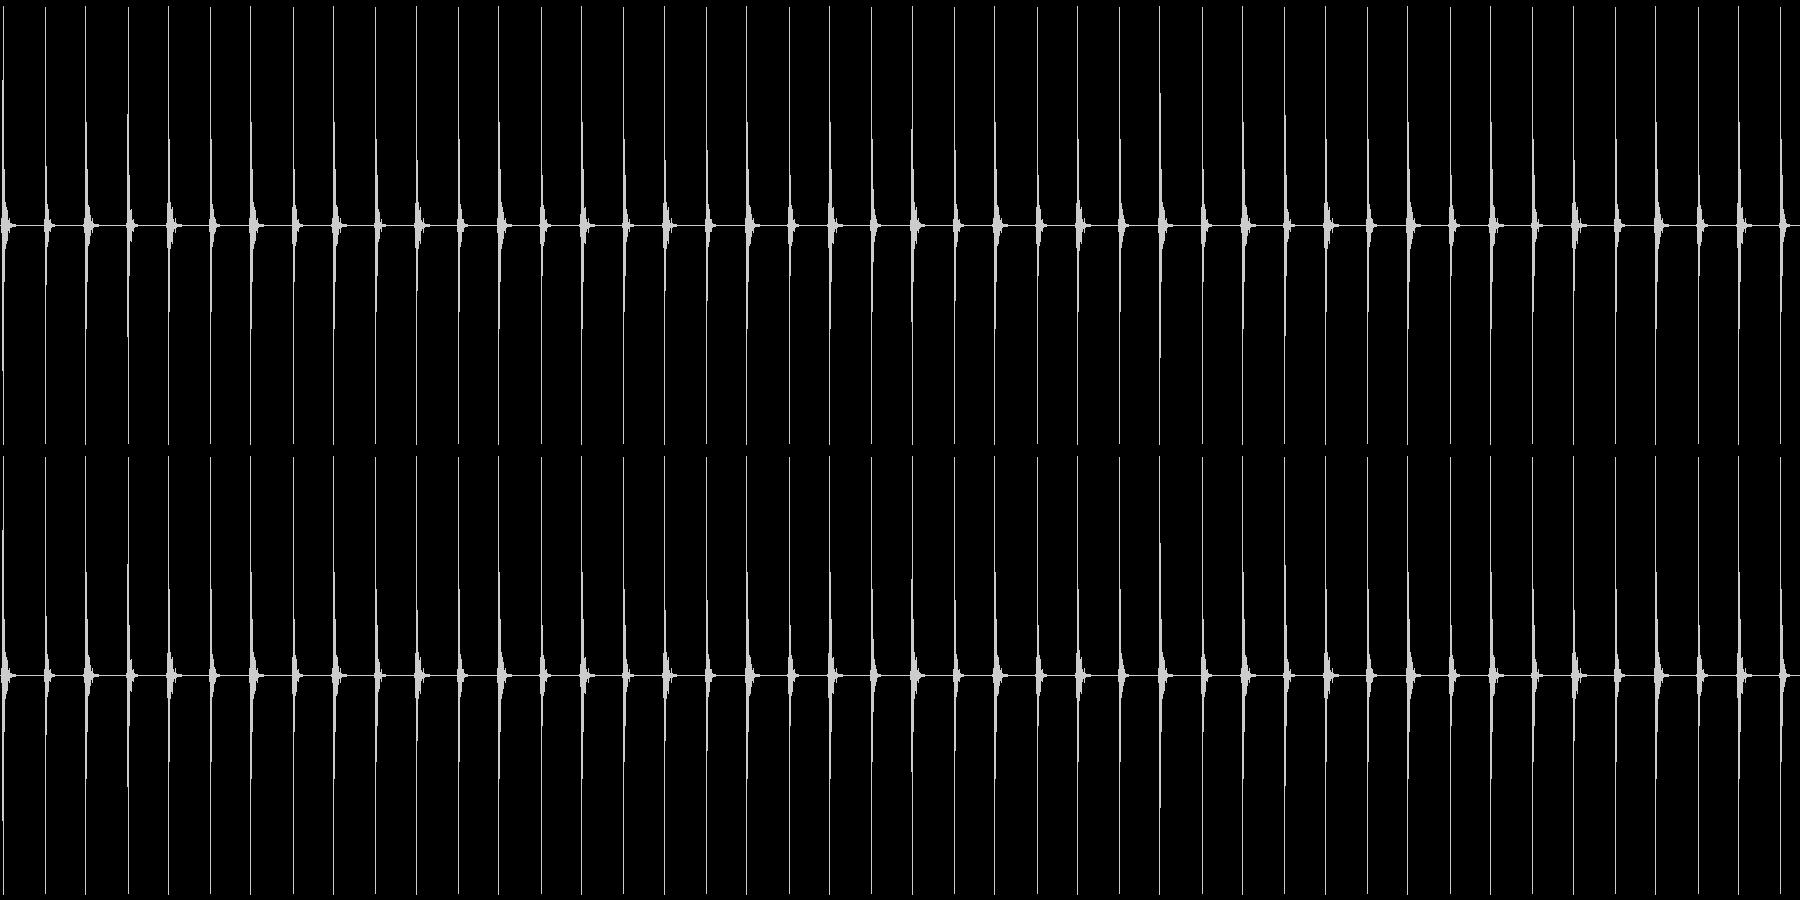 爆弾起爆装置クロック:爆発と爆弾の追跡の未再生の波形